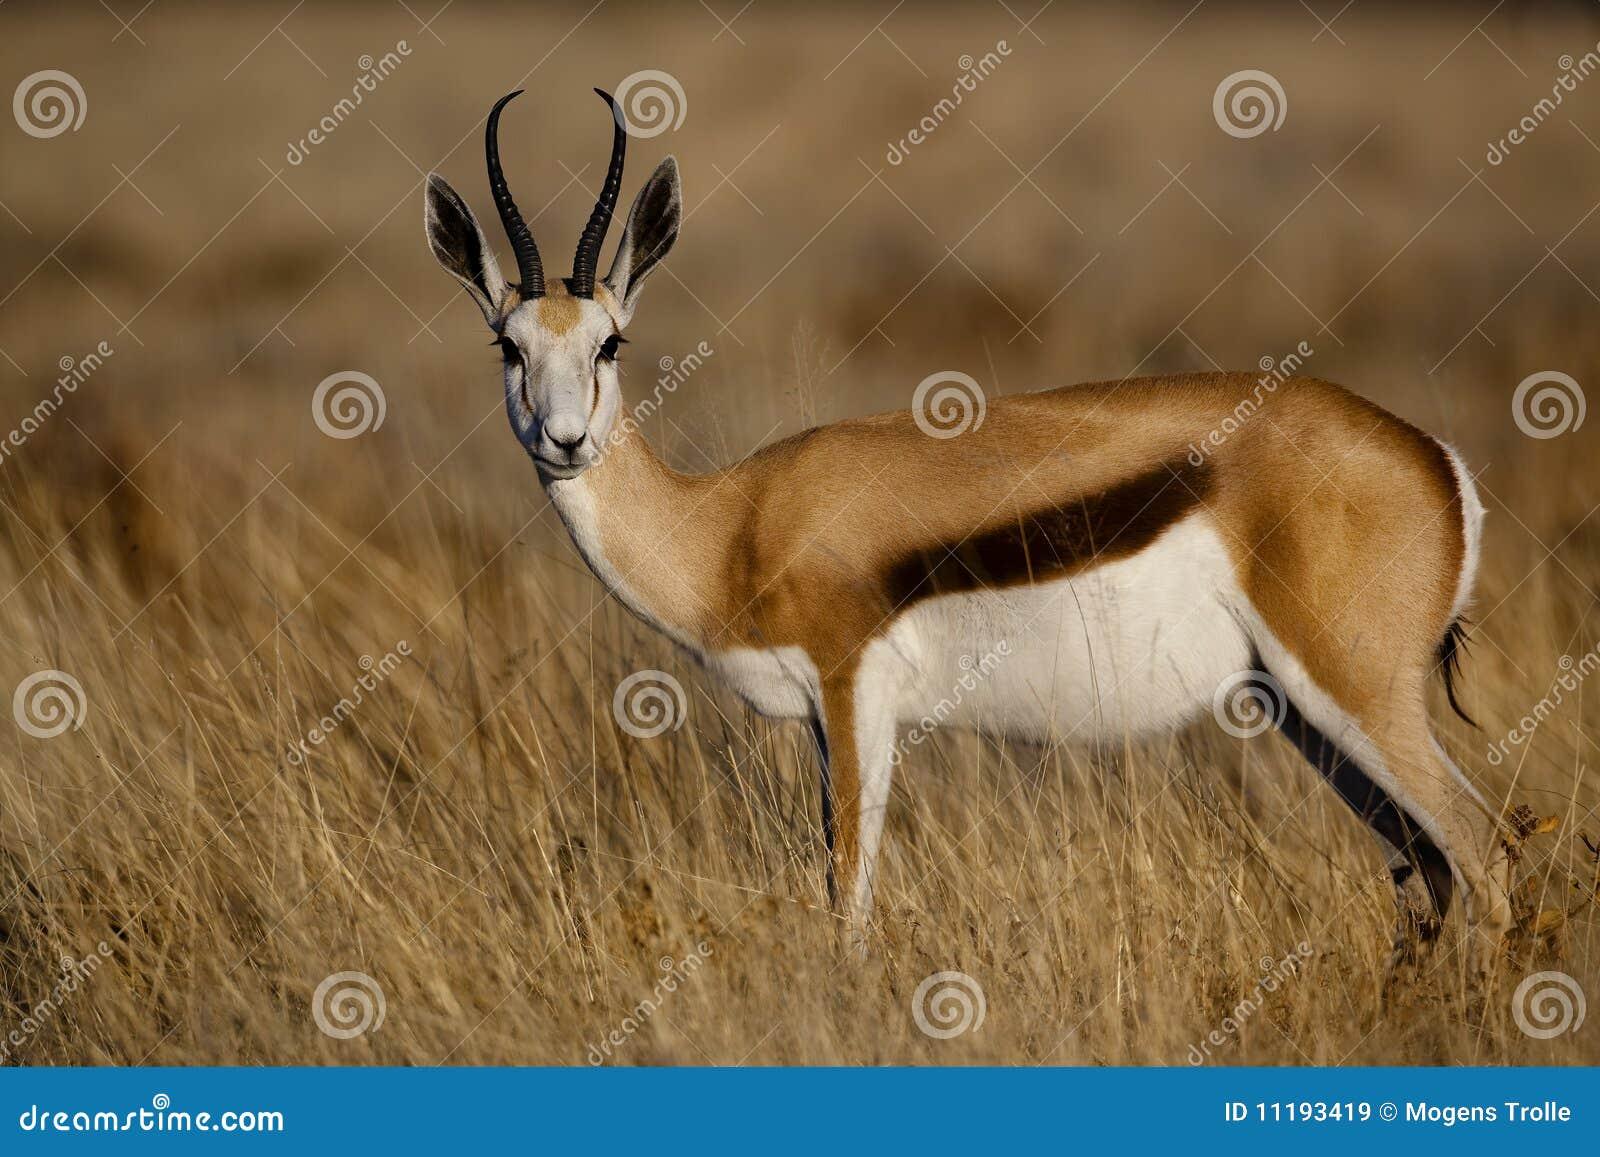 Springbuck female, Namibia